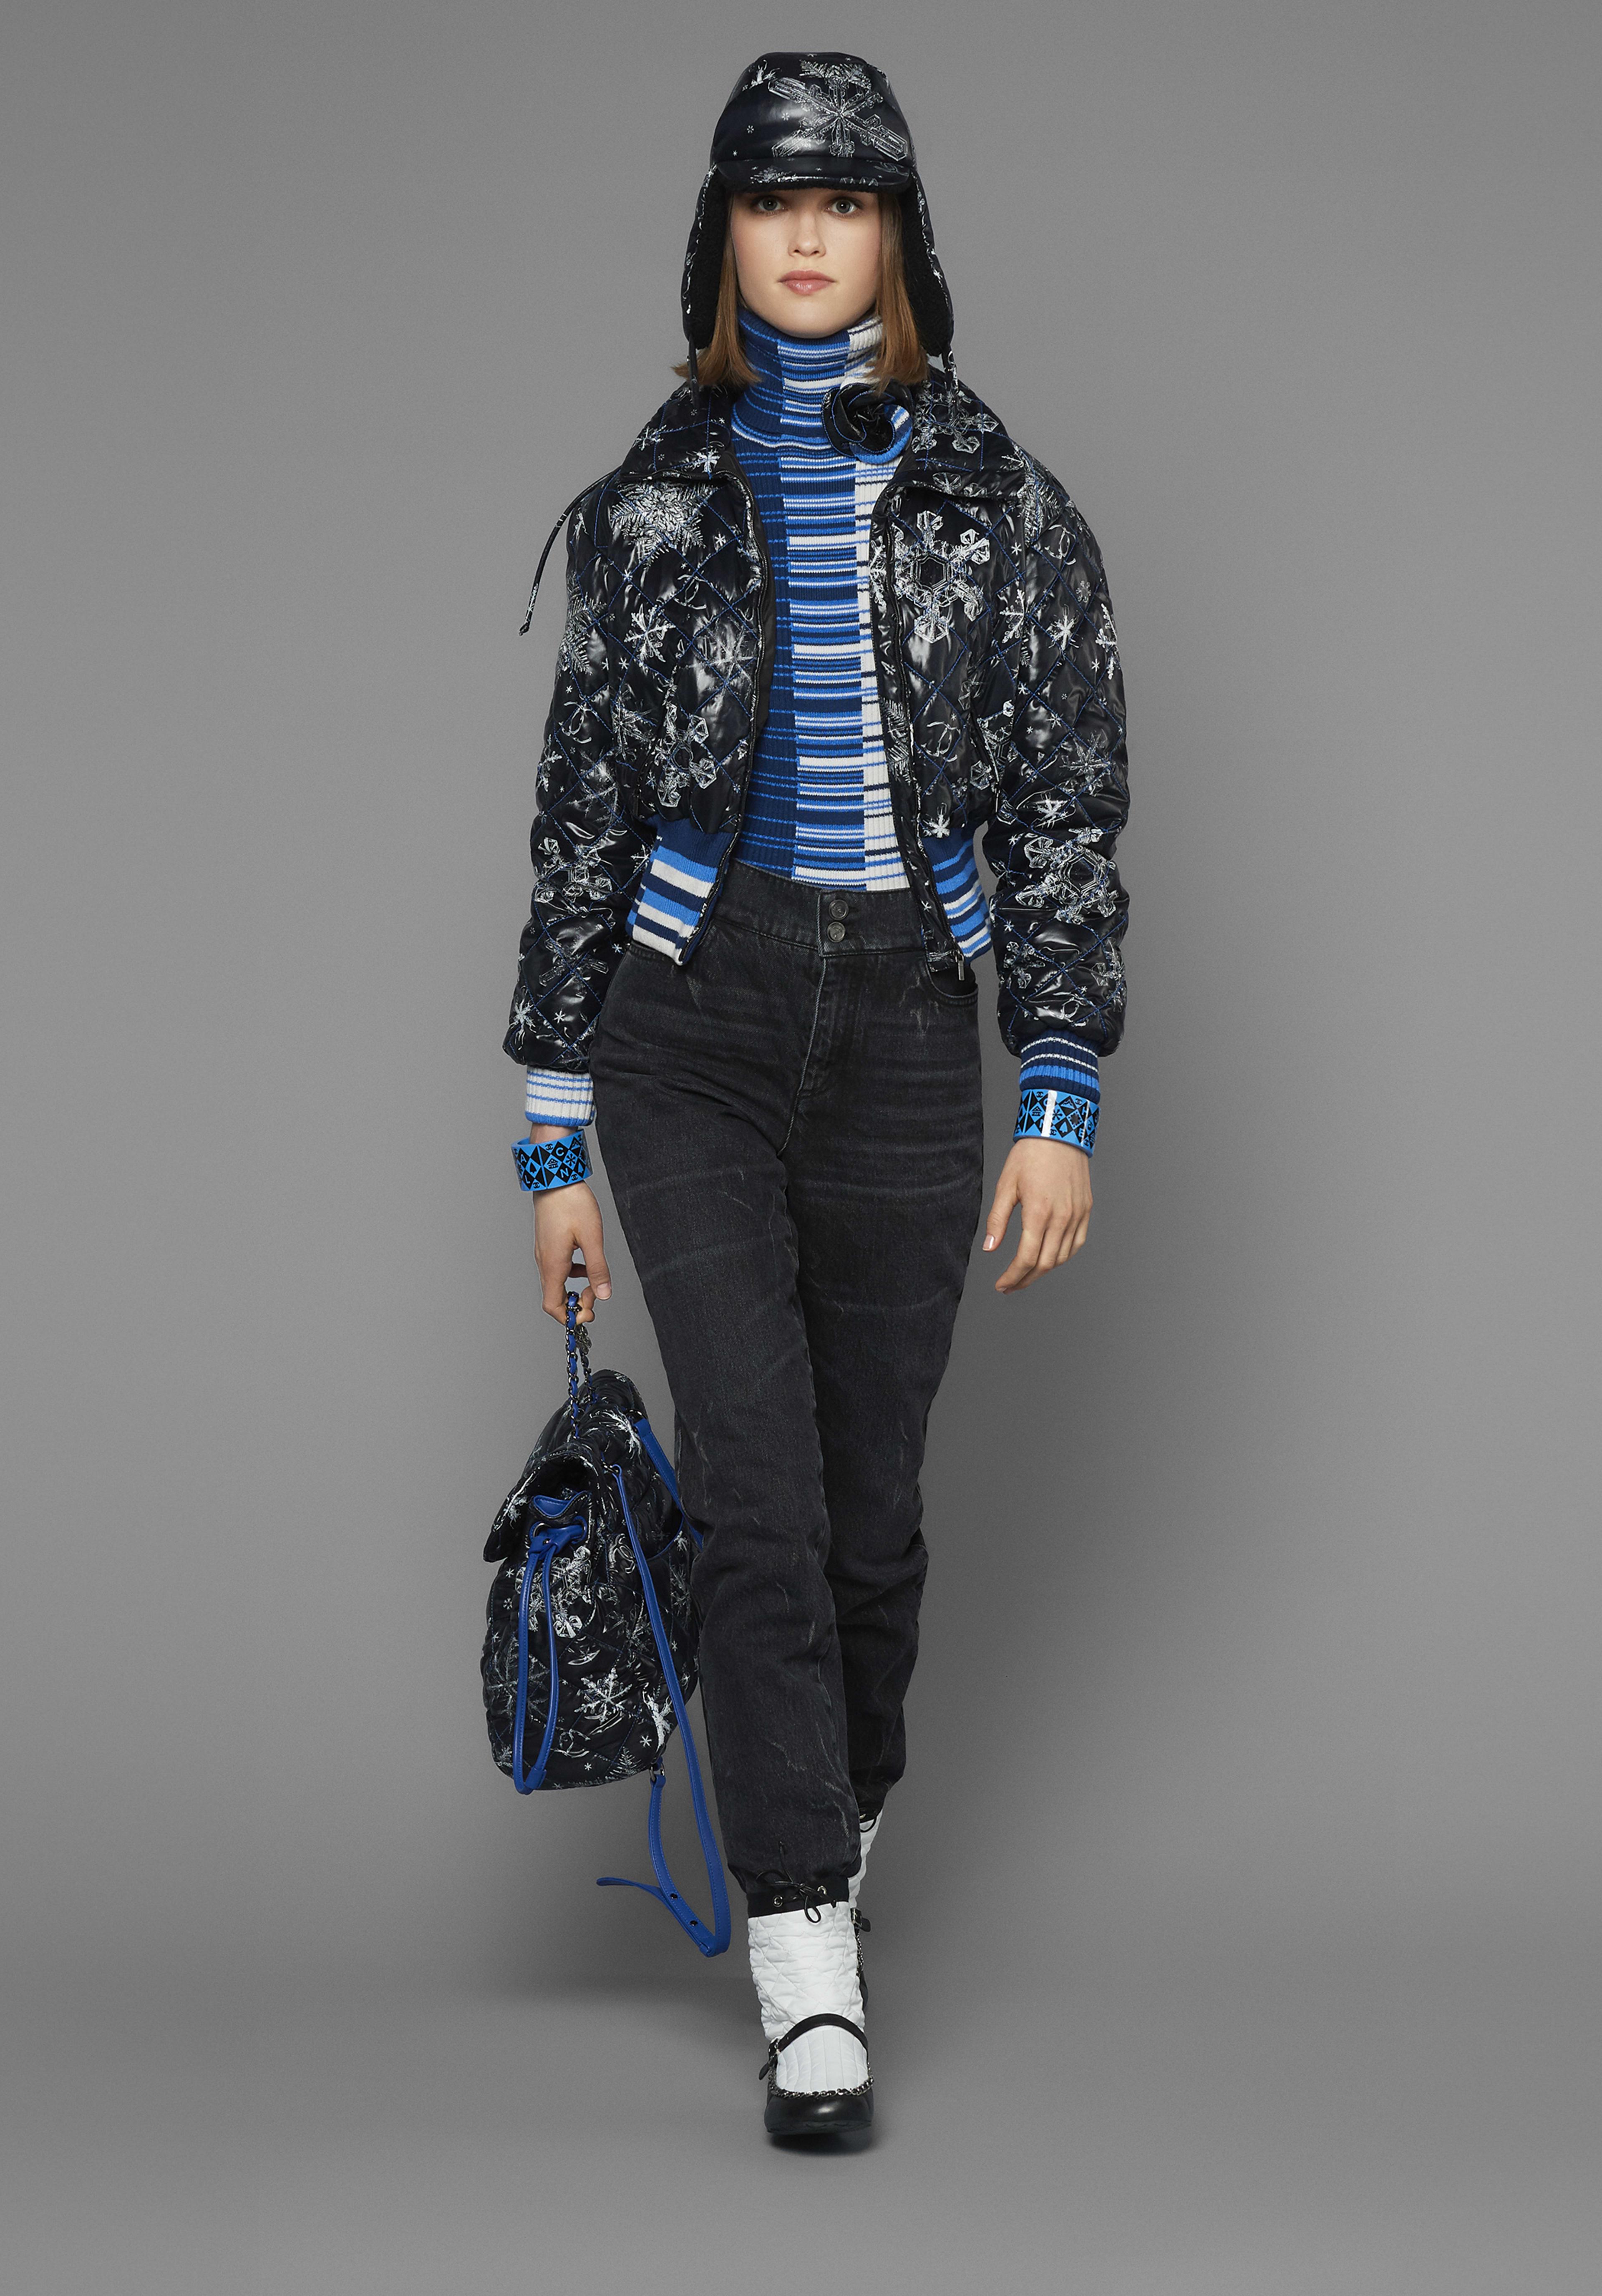 ce4ebdef4 Ready-to-wear - Fashion | CHANEL